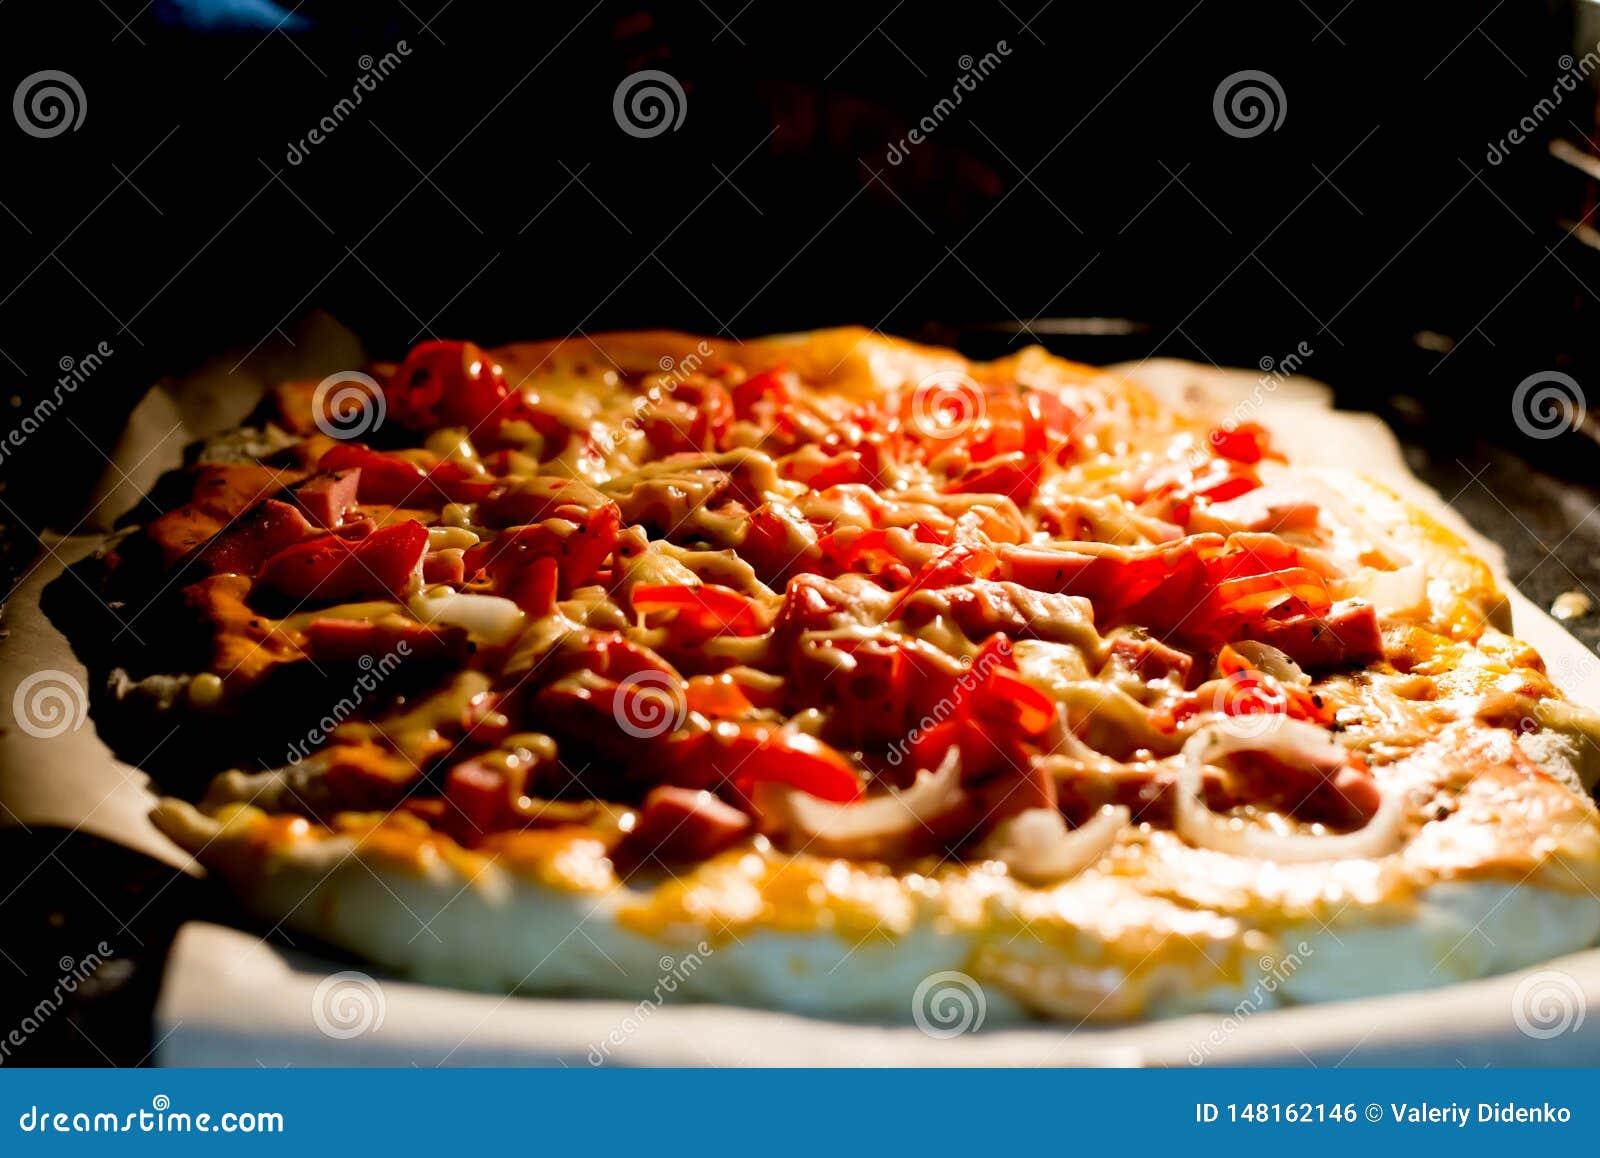 Prepari per la prima volta la pizza